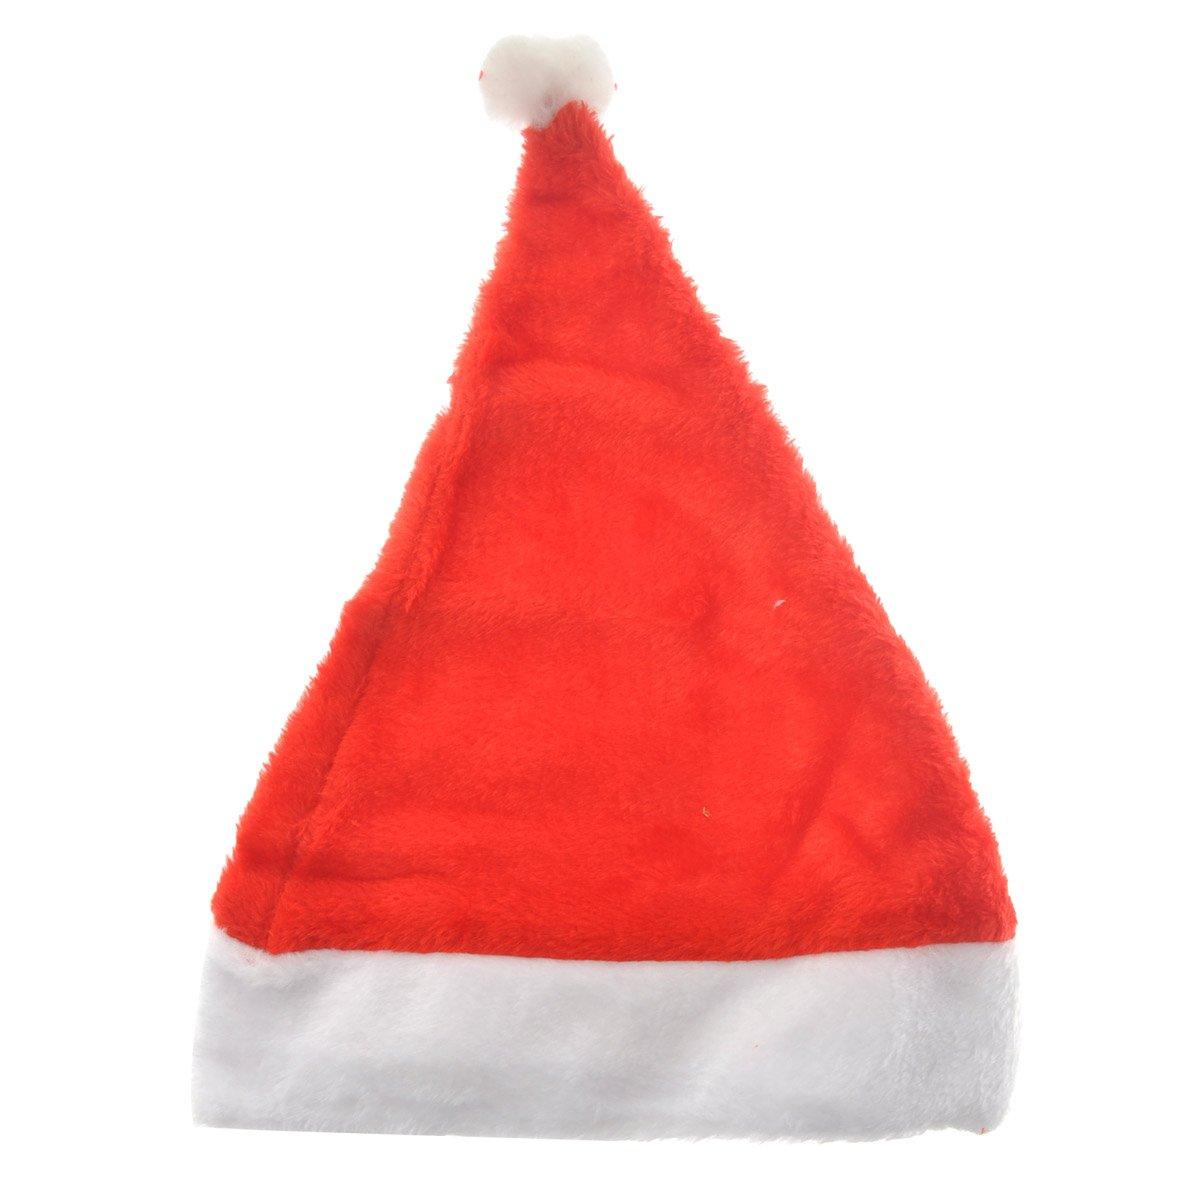 SUPVOX Unisex Adulto Morbido Velluto Natale Babbo Natale Cappello cap Decorazione Natalizia - Formato Gratuito (Rosso)